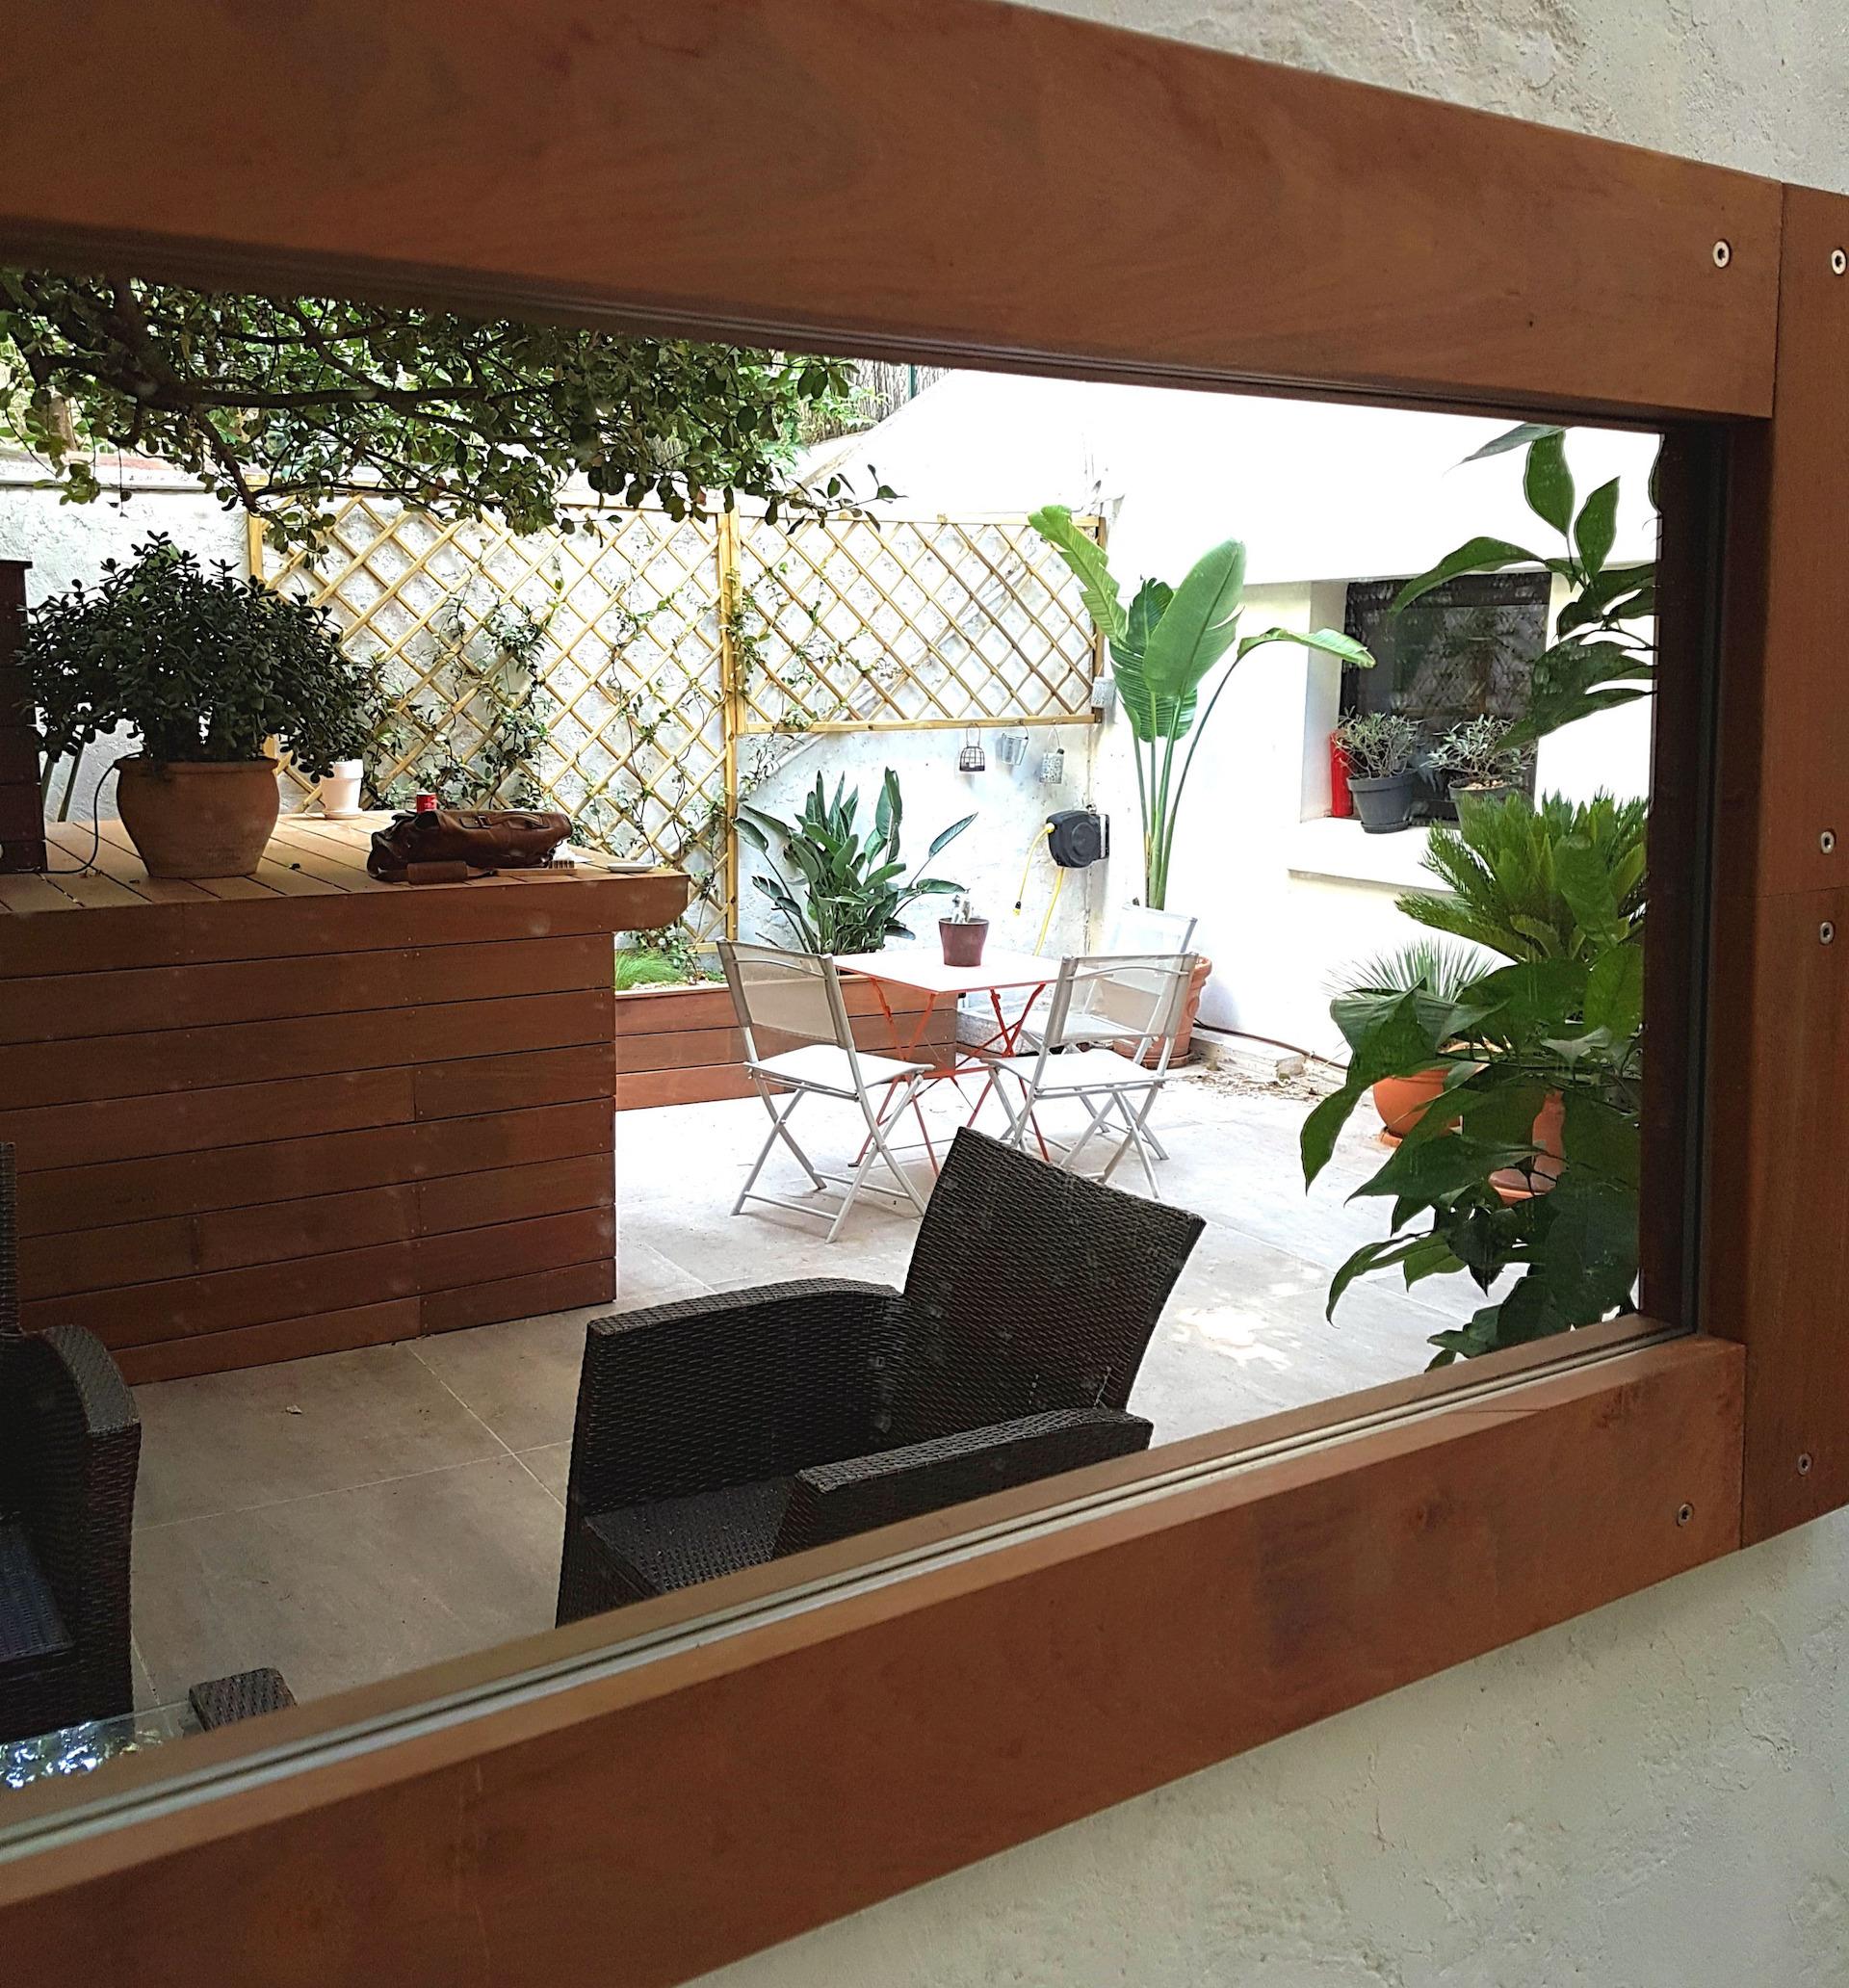 Aménagement complet Cour intérieure - Marseille Longchamp ©PA